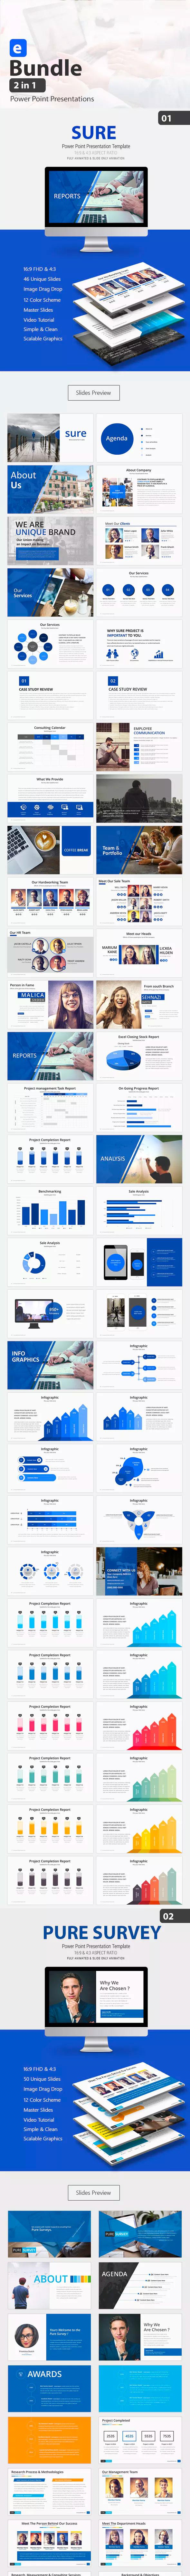 蓝色科技企业高端的商业PPT模板下载 [PPTX]